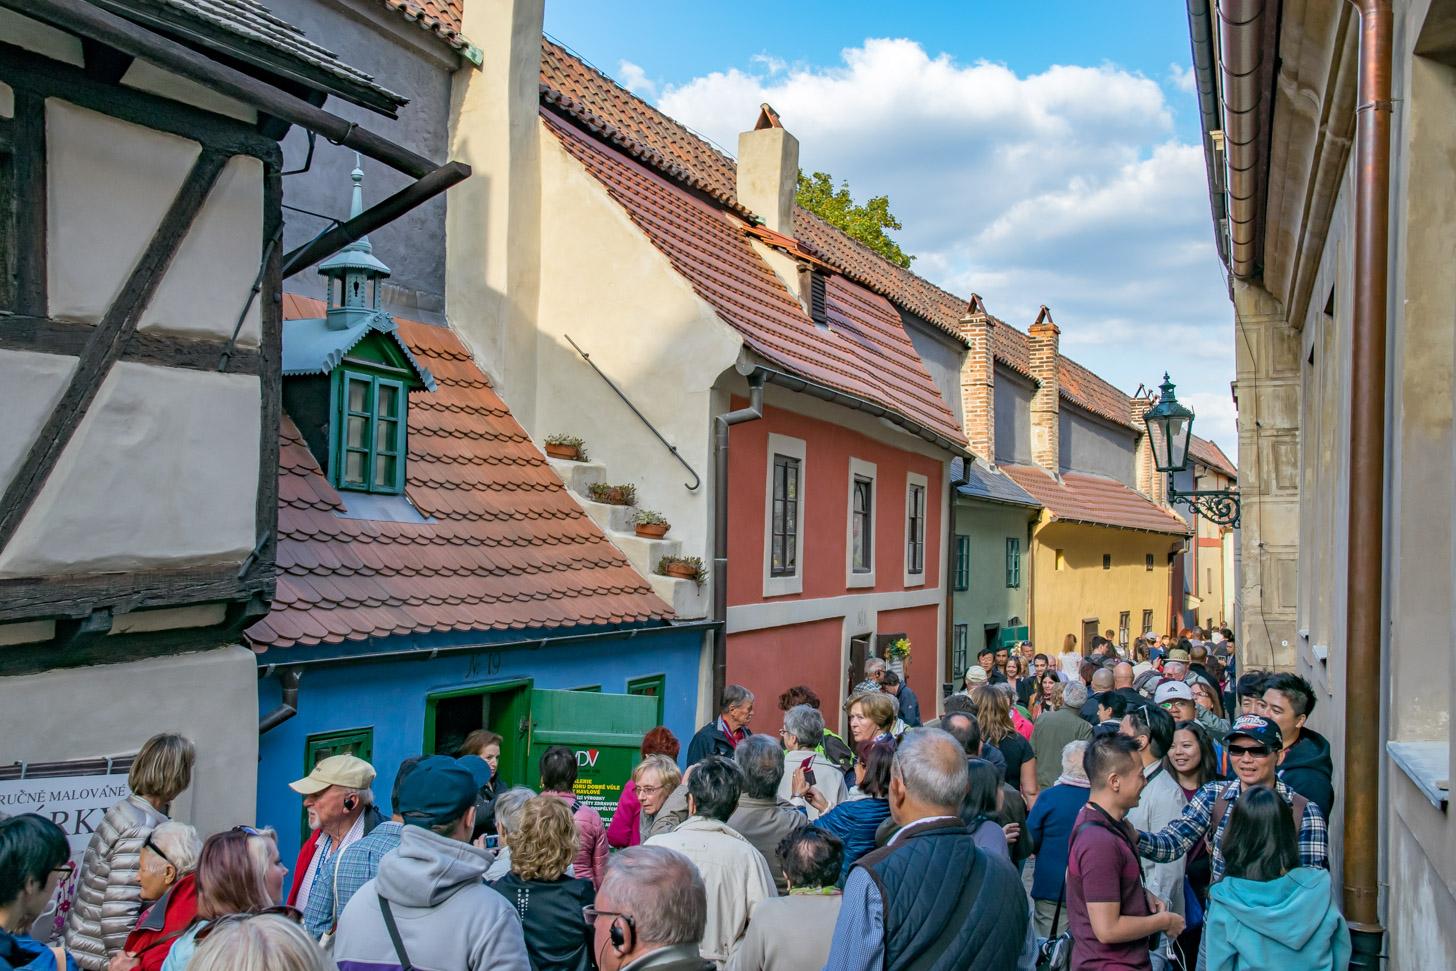 Drukte door toeristen in het Gouden Straatje